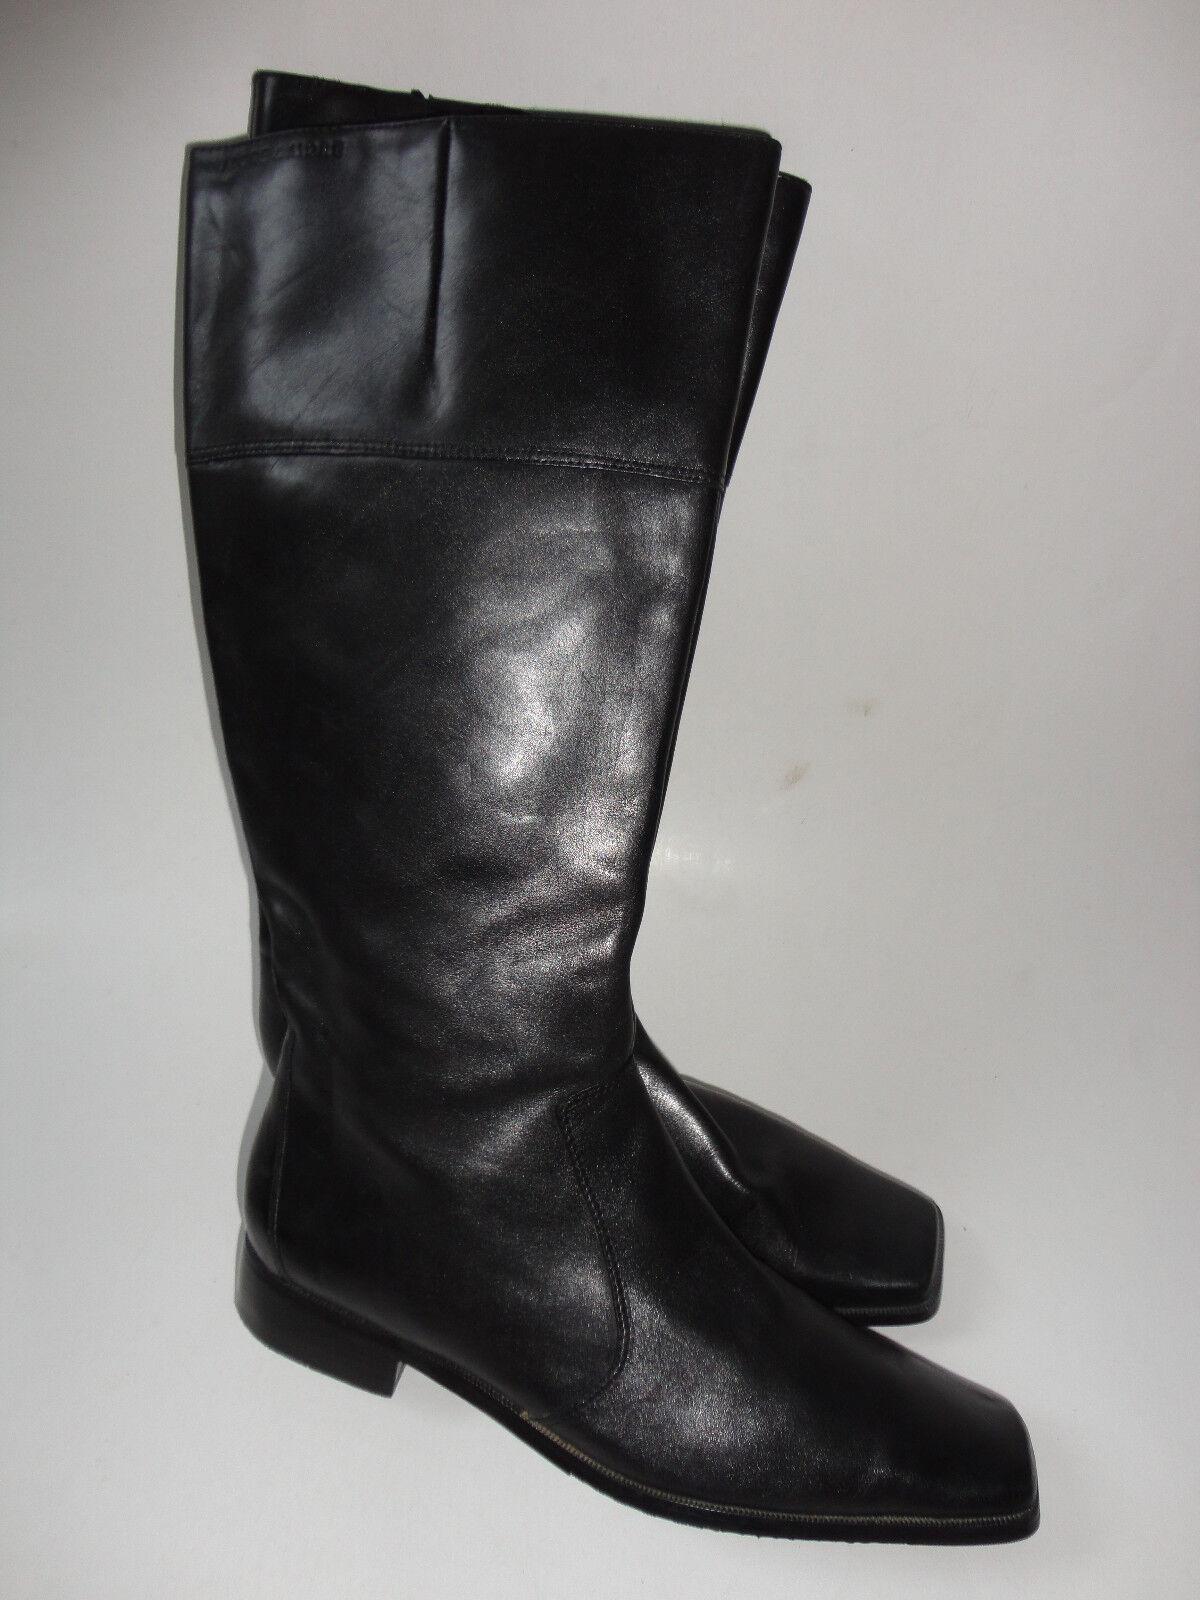 die beste Auswahl an Stiefeletten Stiefel Echtleder More